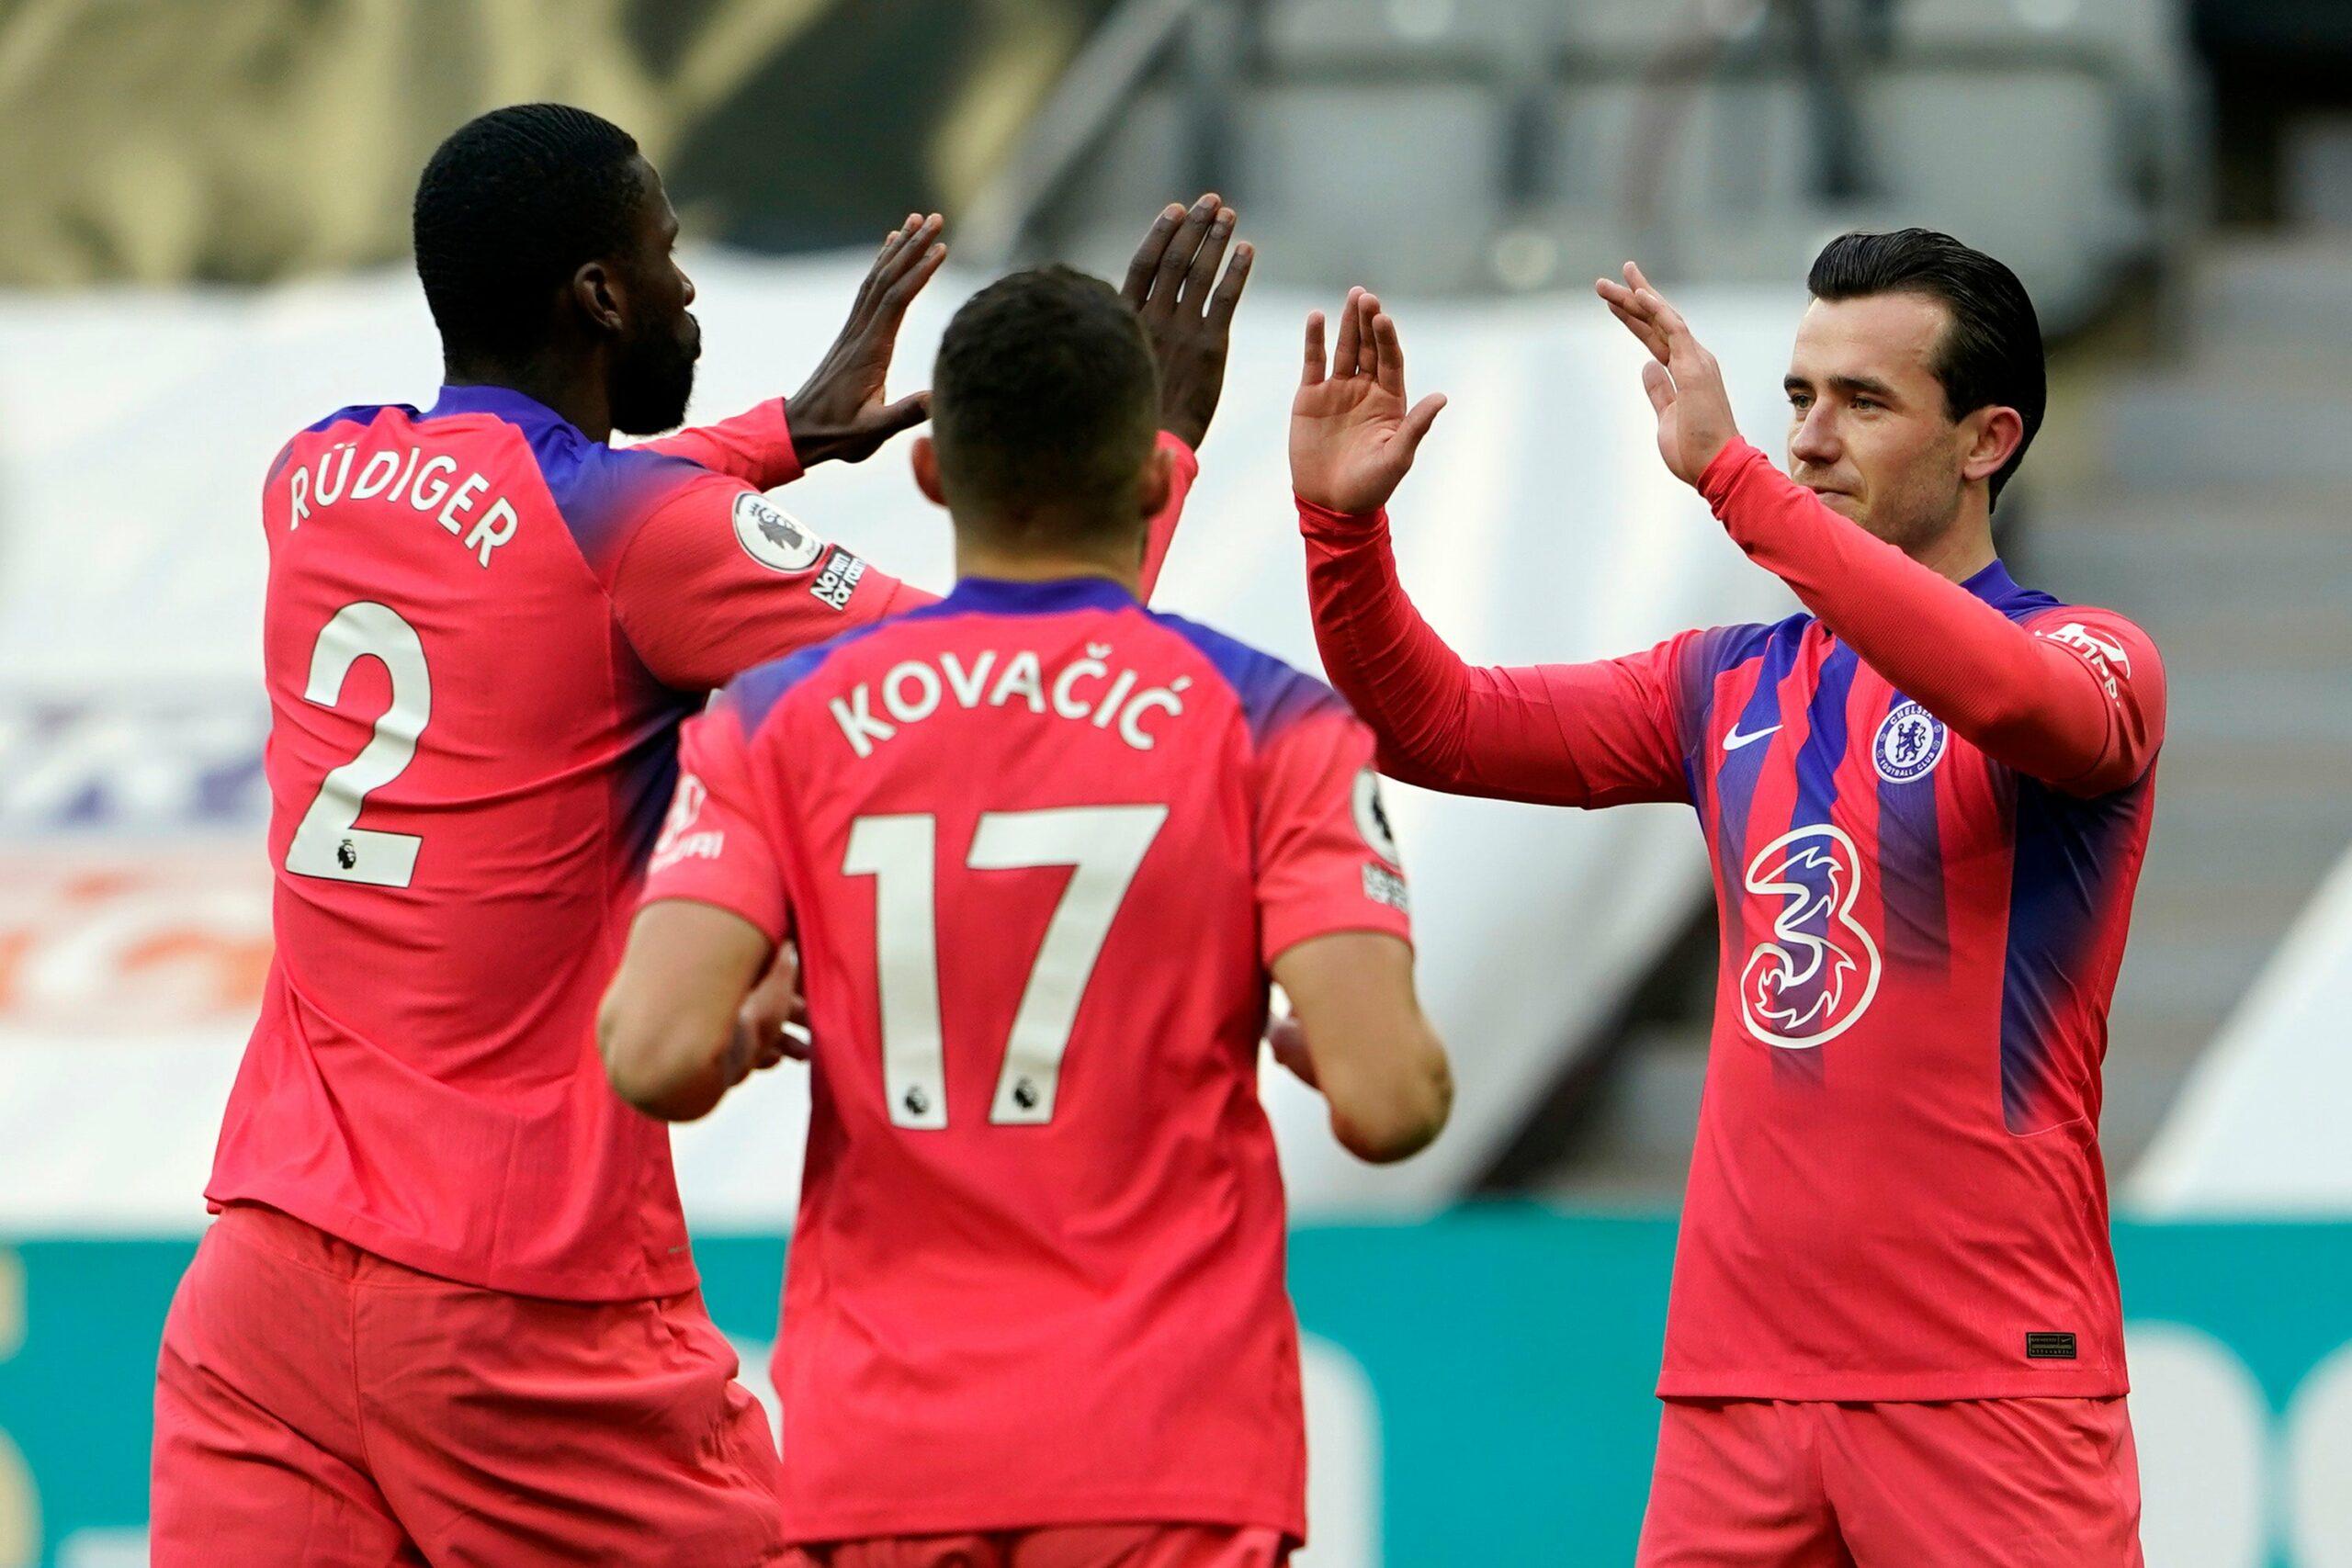 نيوكاسل ضد تشيلسي: الدوري الإنجليزي - بث مباشر!